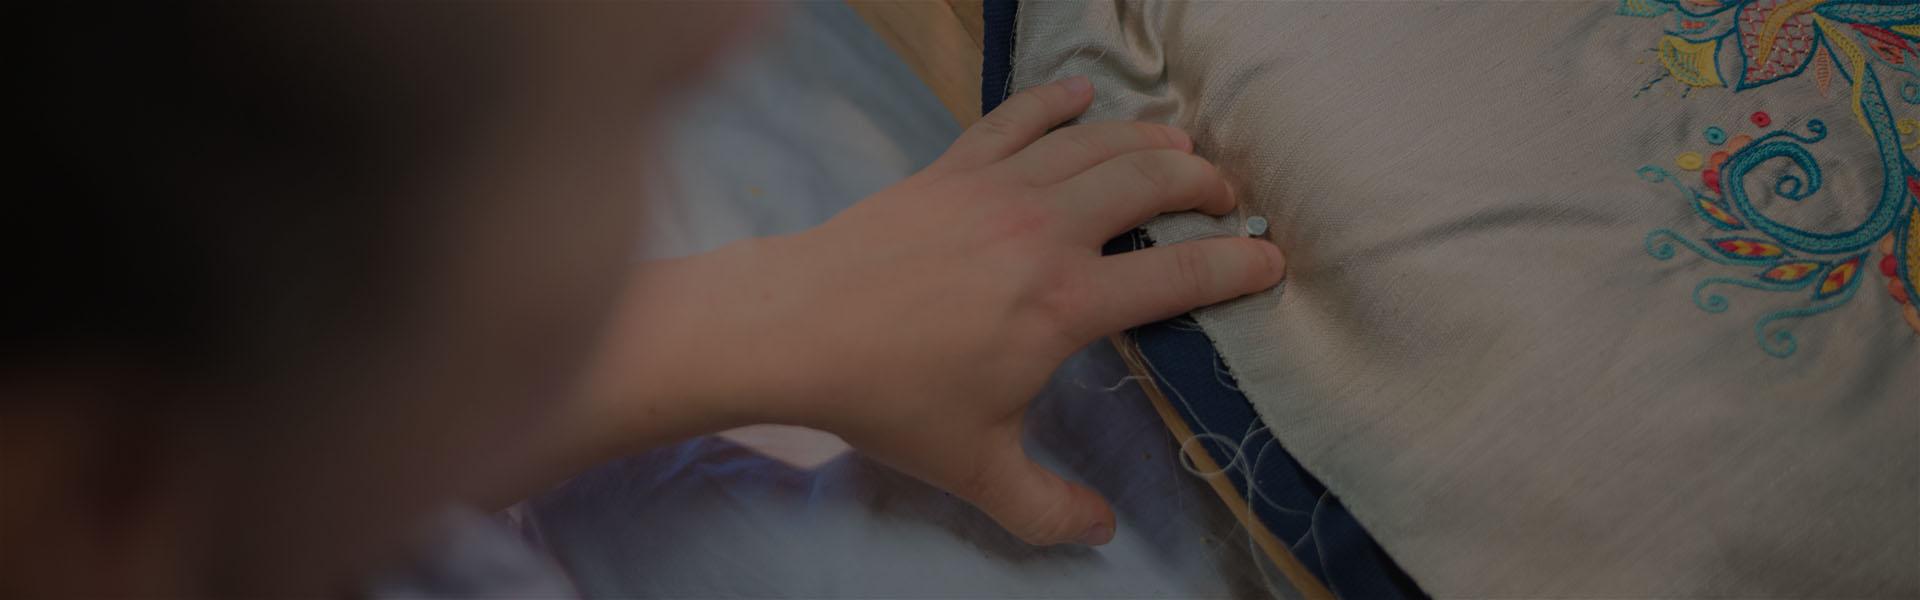 Restaurer Fauteuil Voltaire Moderne restauration de fauteuils et chaise - l'atelier d'enora